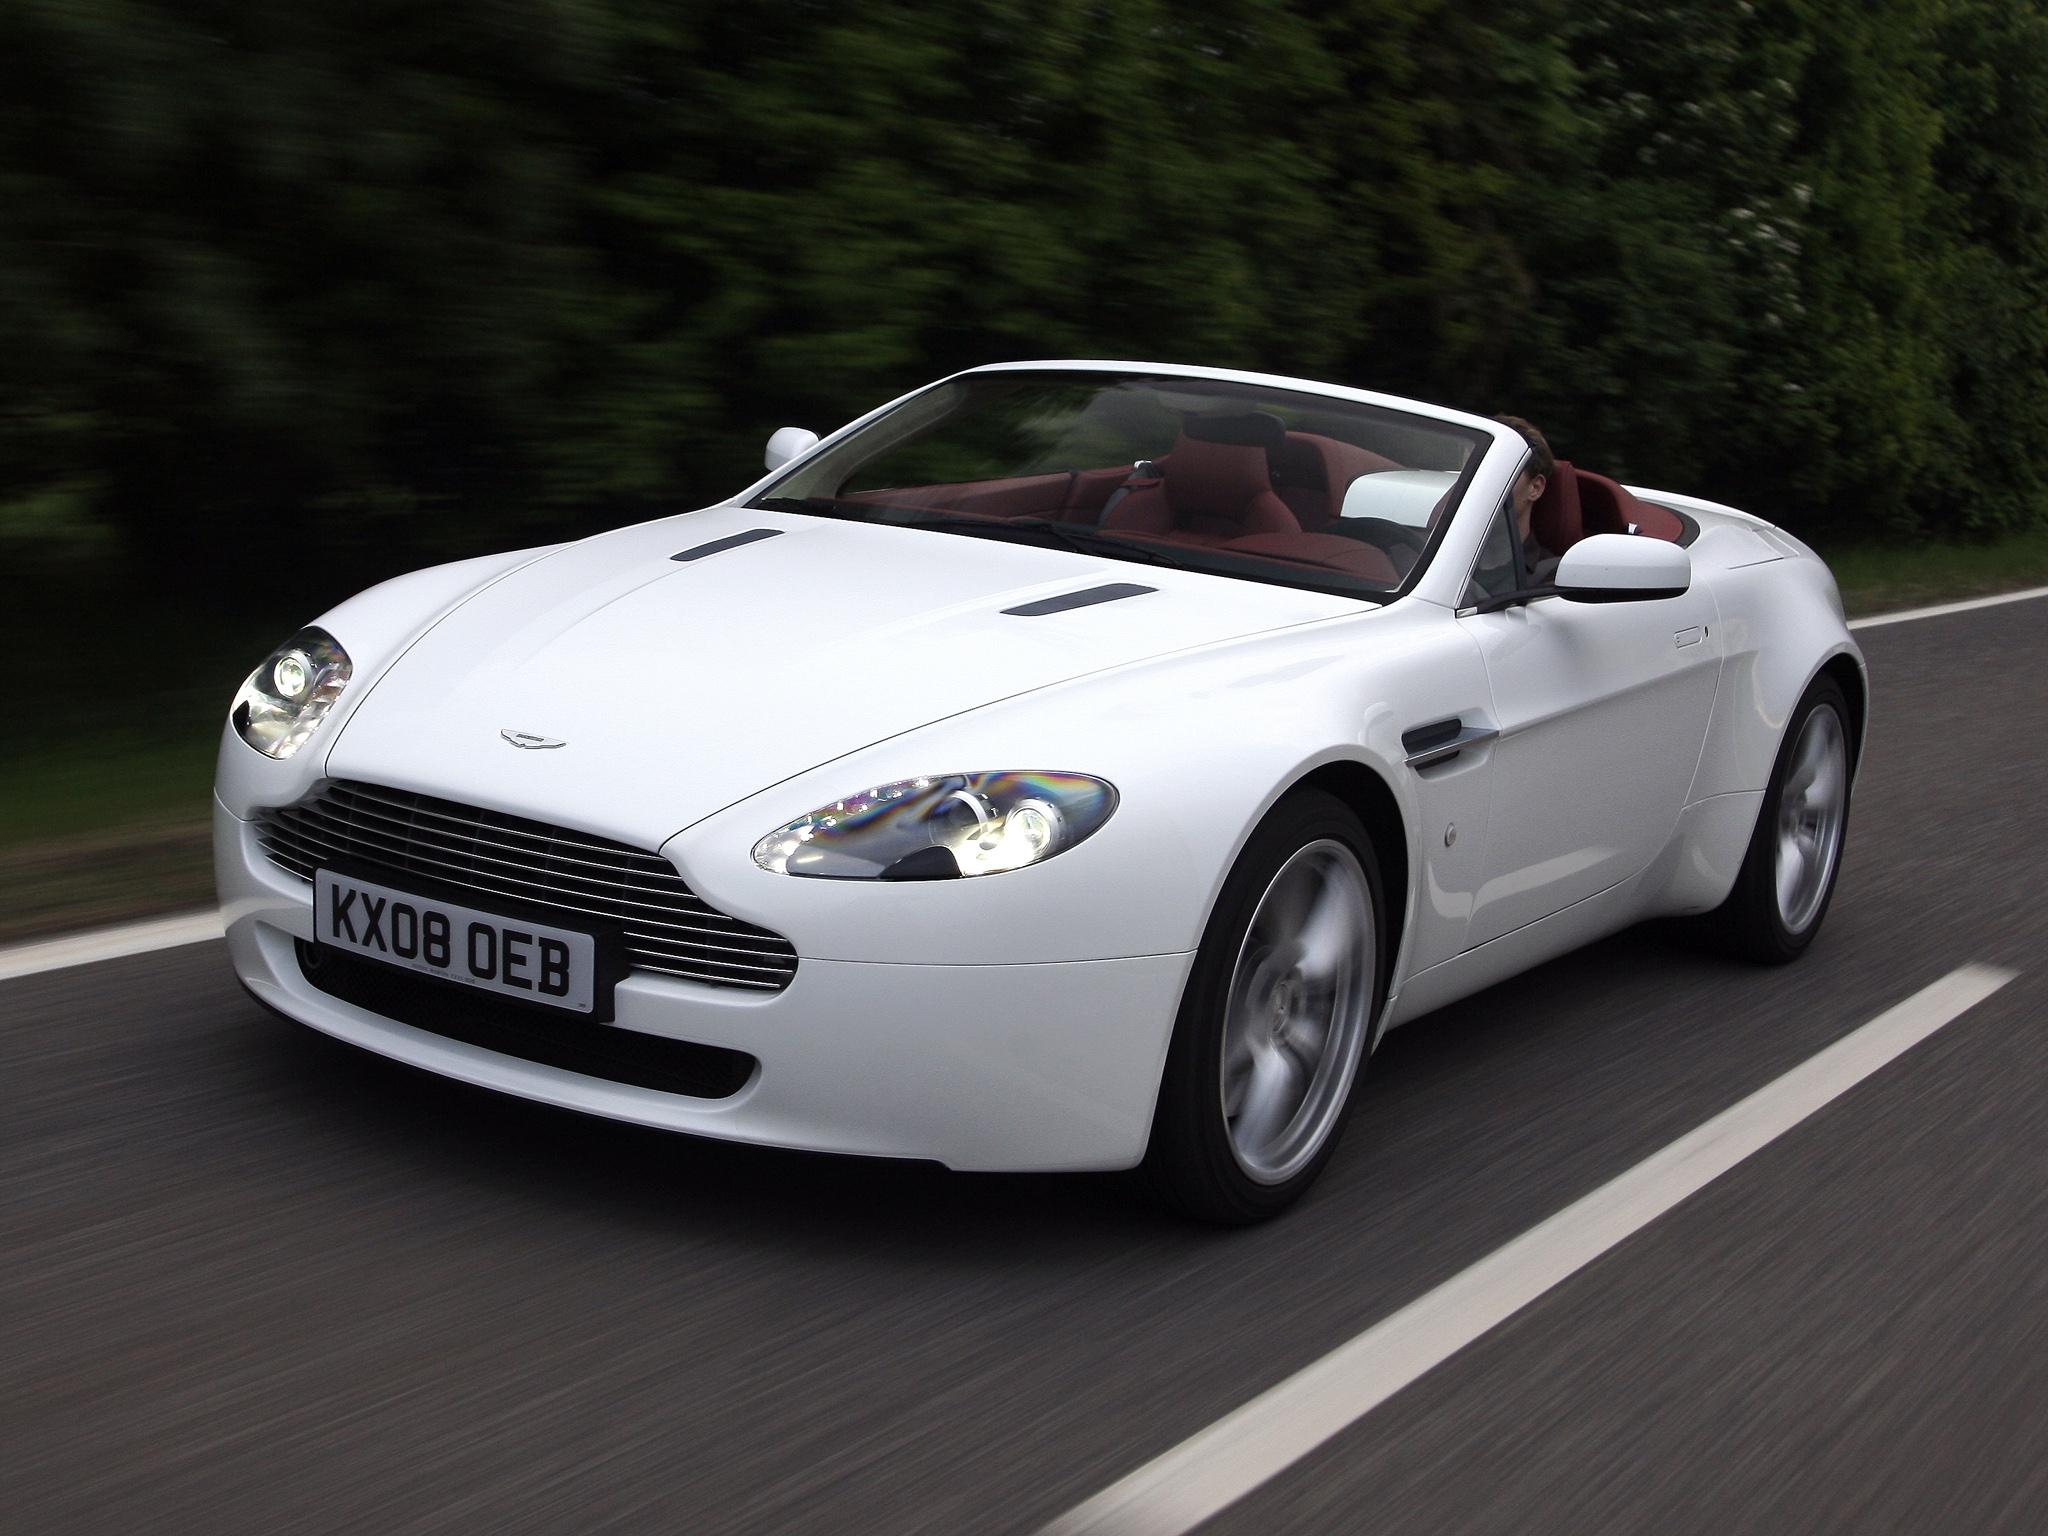 62716 скачать обои Машины, Астон Мартин (Aston Martin), Тачки (Cars), Вид Спереди, Белый, Скорость, 2008, V8, Vantage - заставки и картинки бесплатно